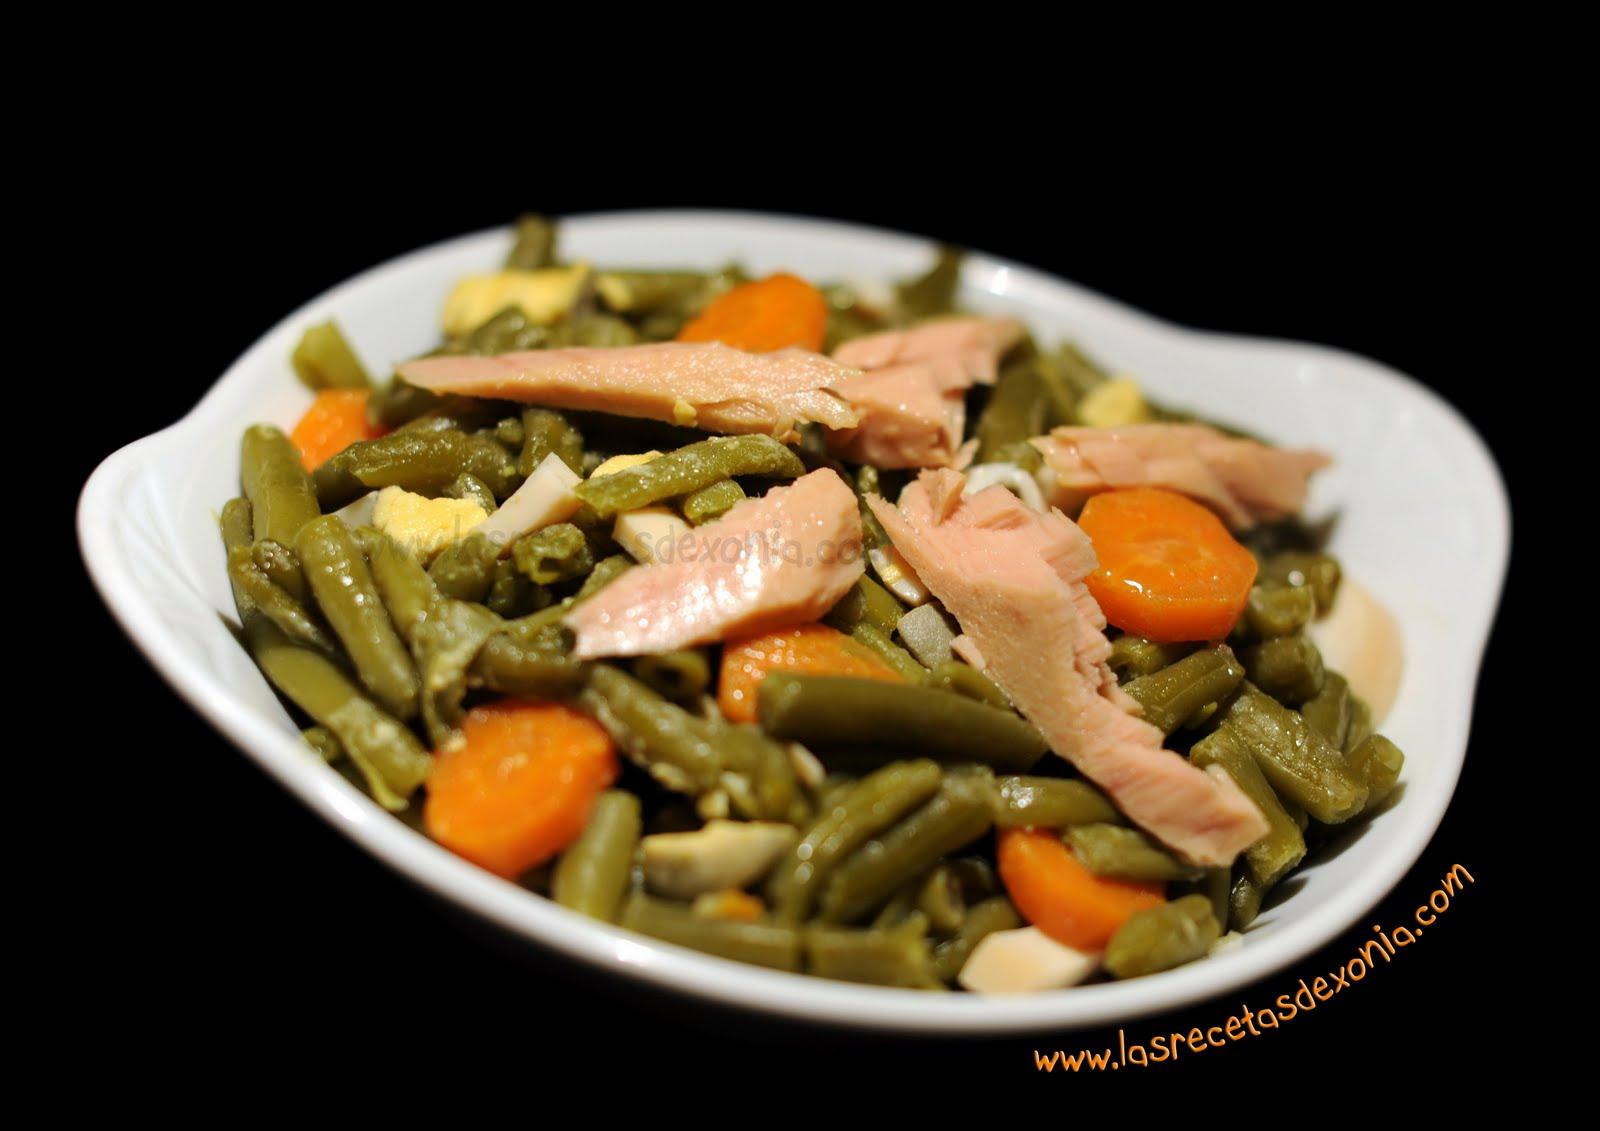 Las recetas de xonia para dukan ensalada de judias - Como preparar las judias verdes ...